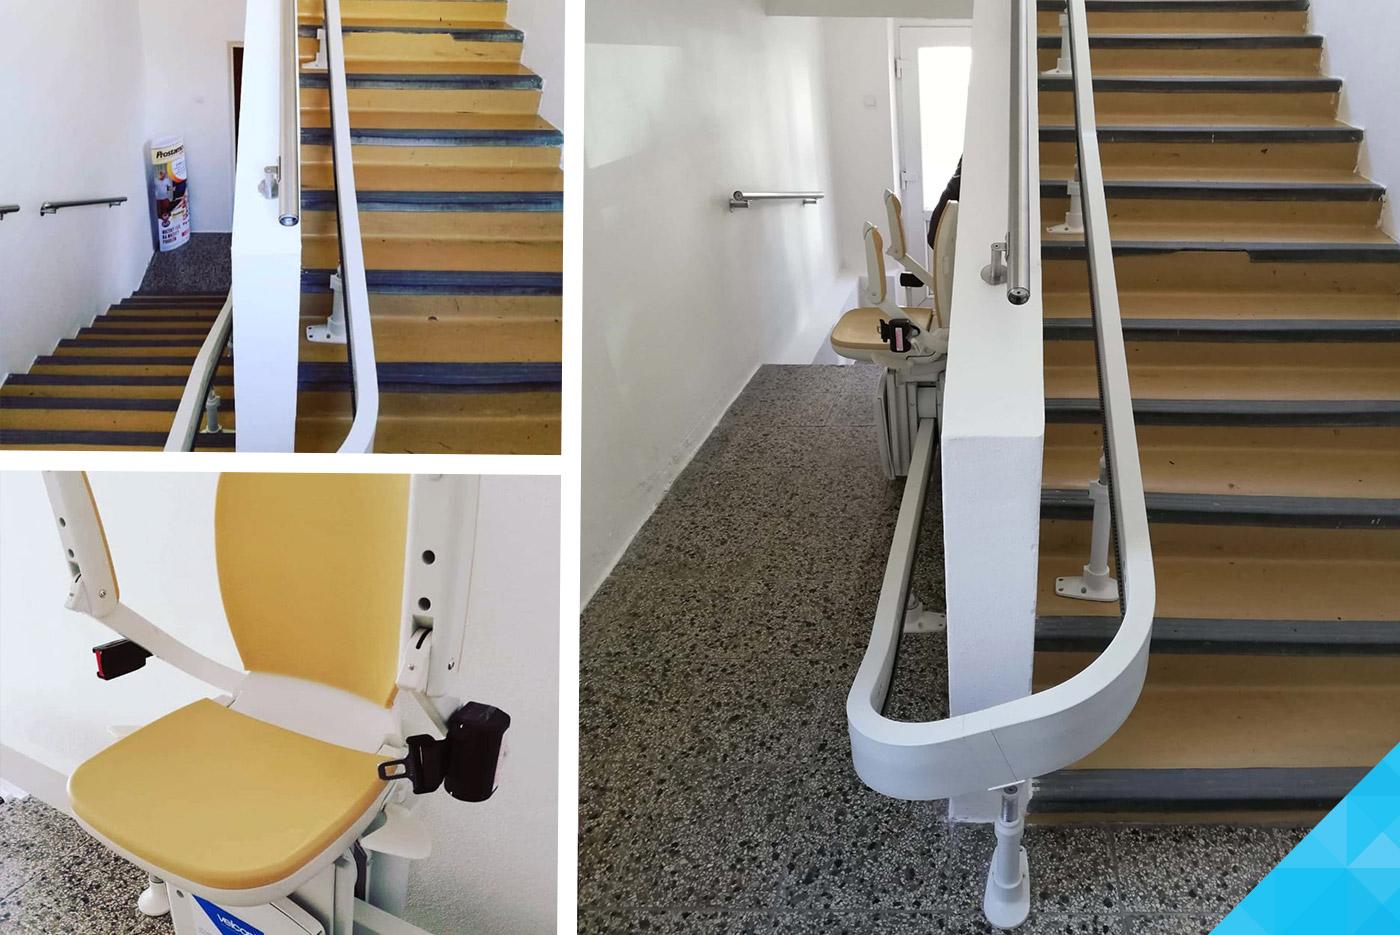 Inštalácia stoličkového výťahu